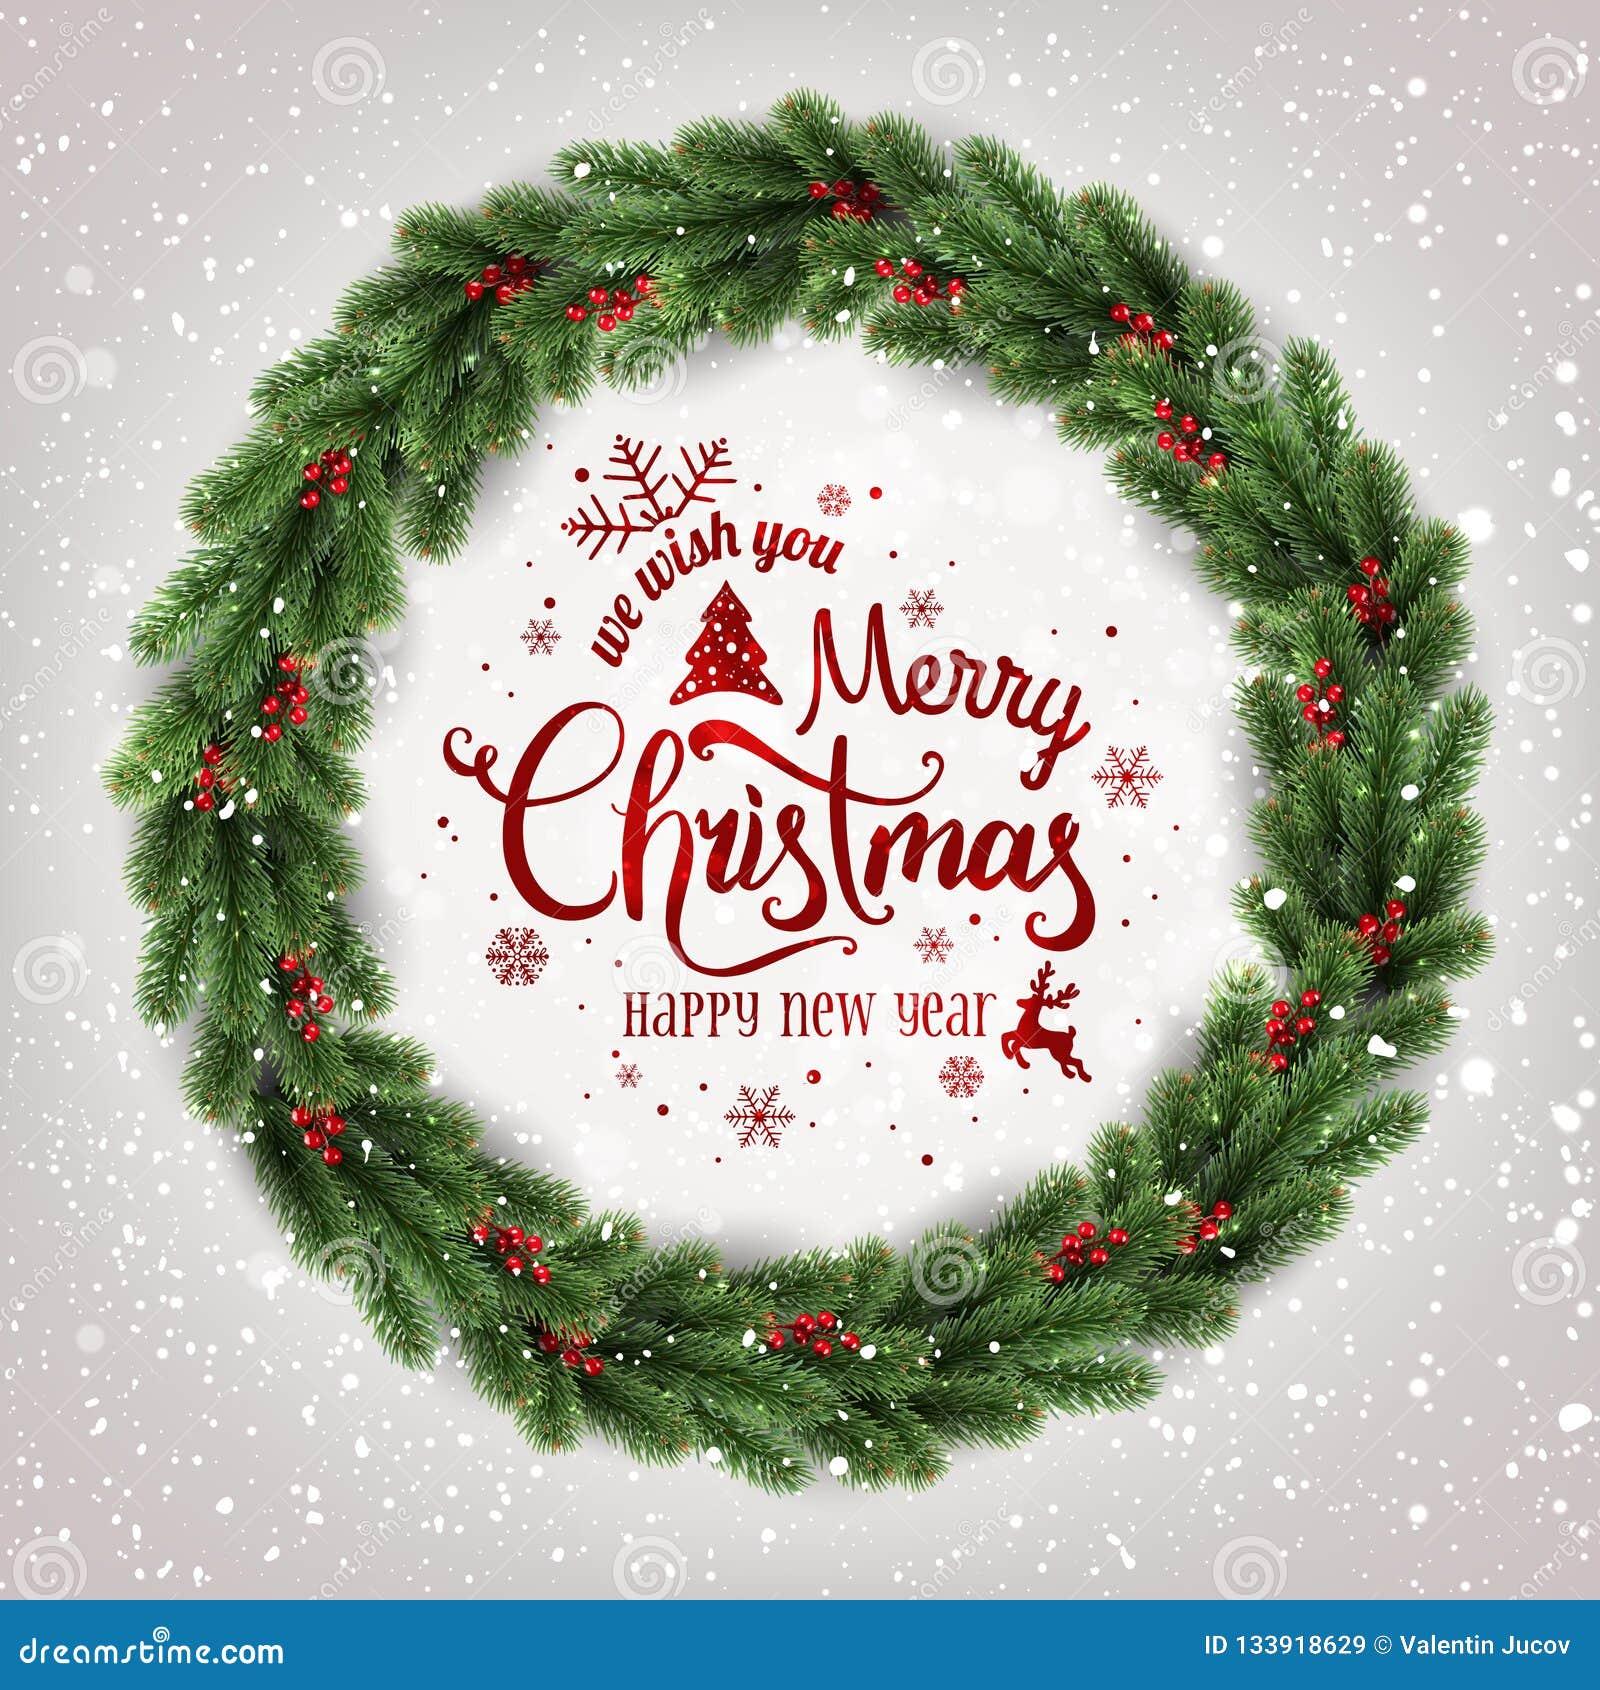 Buon Natale tipografico su fondo bianco con la corona di Natale dei rami di albero, bacche, luci, fiocchi di neve